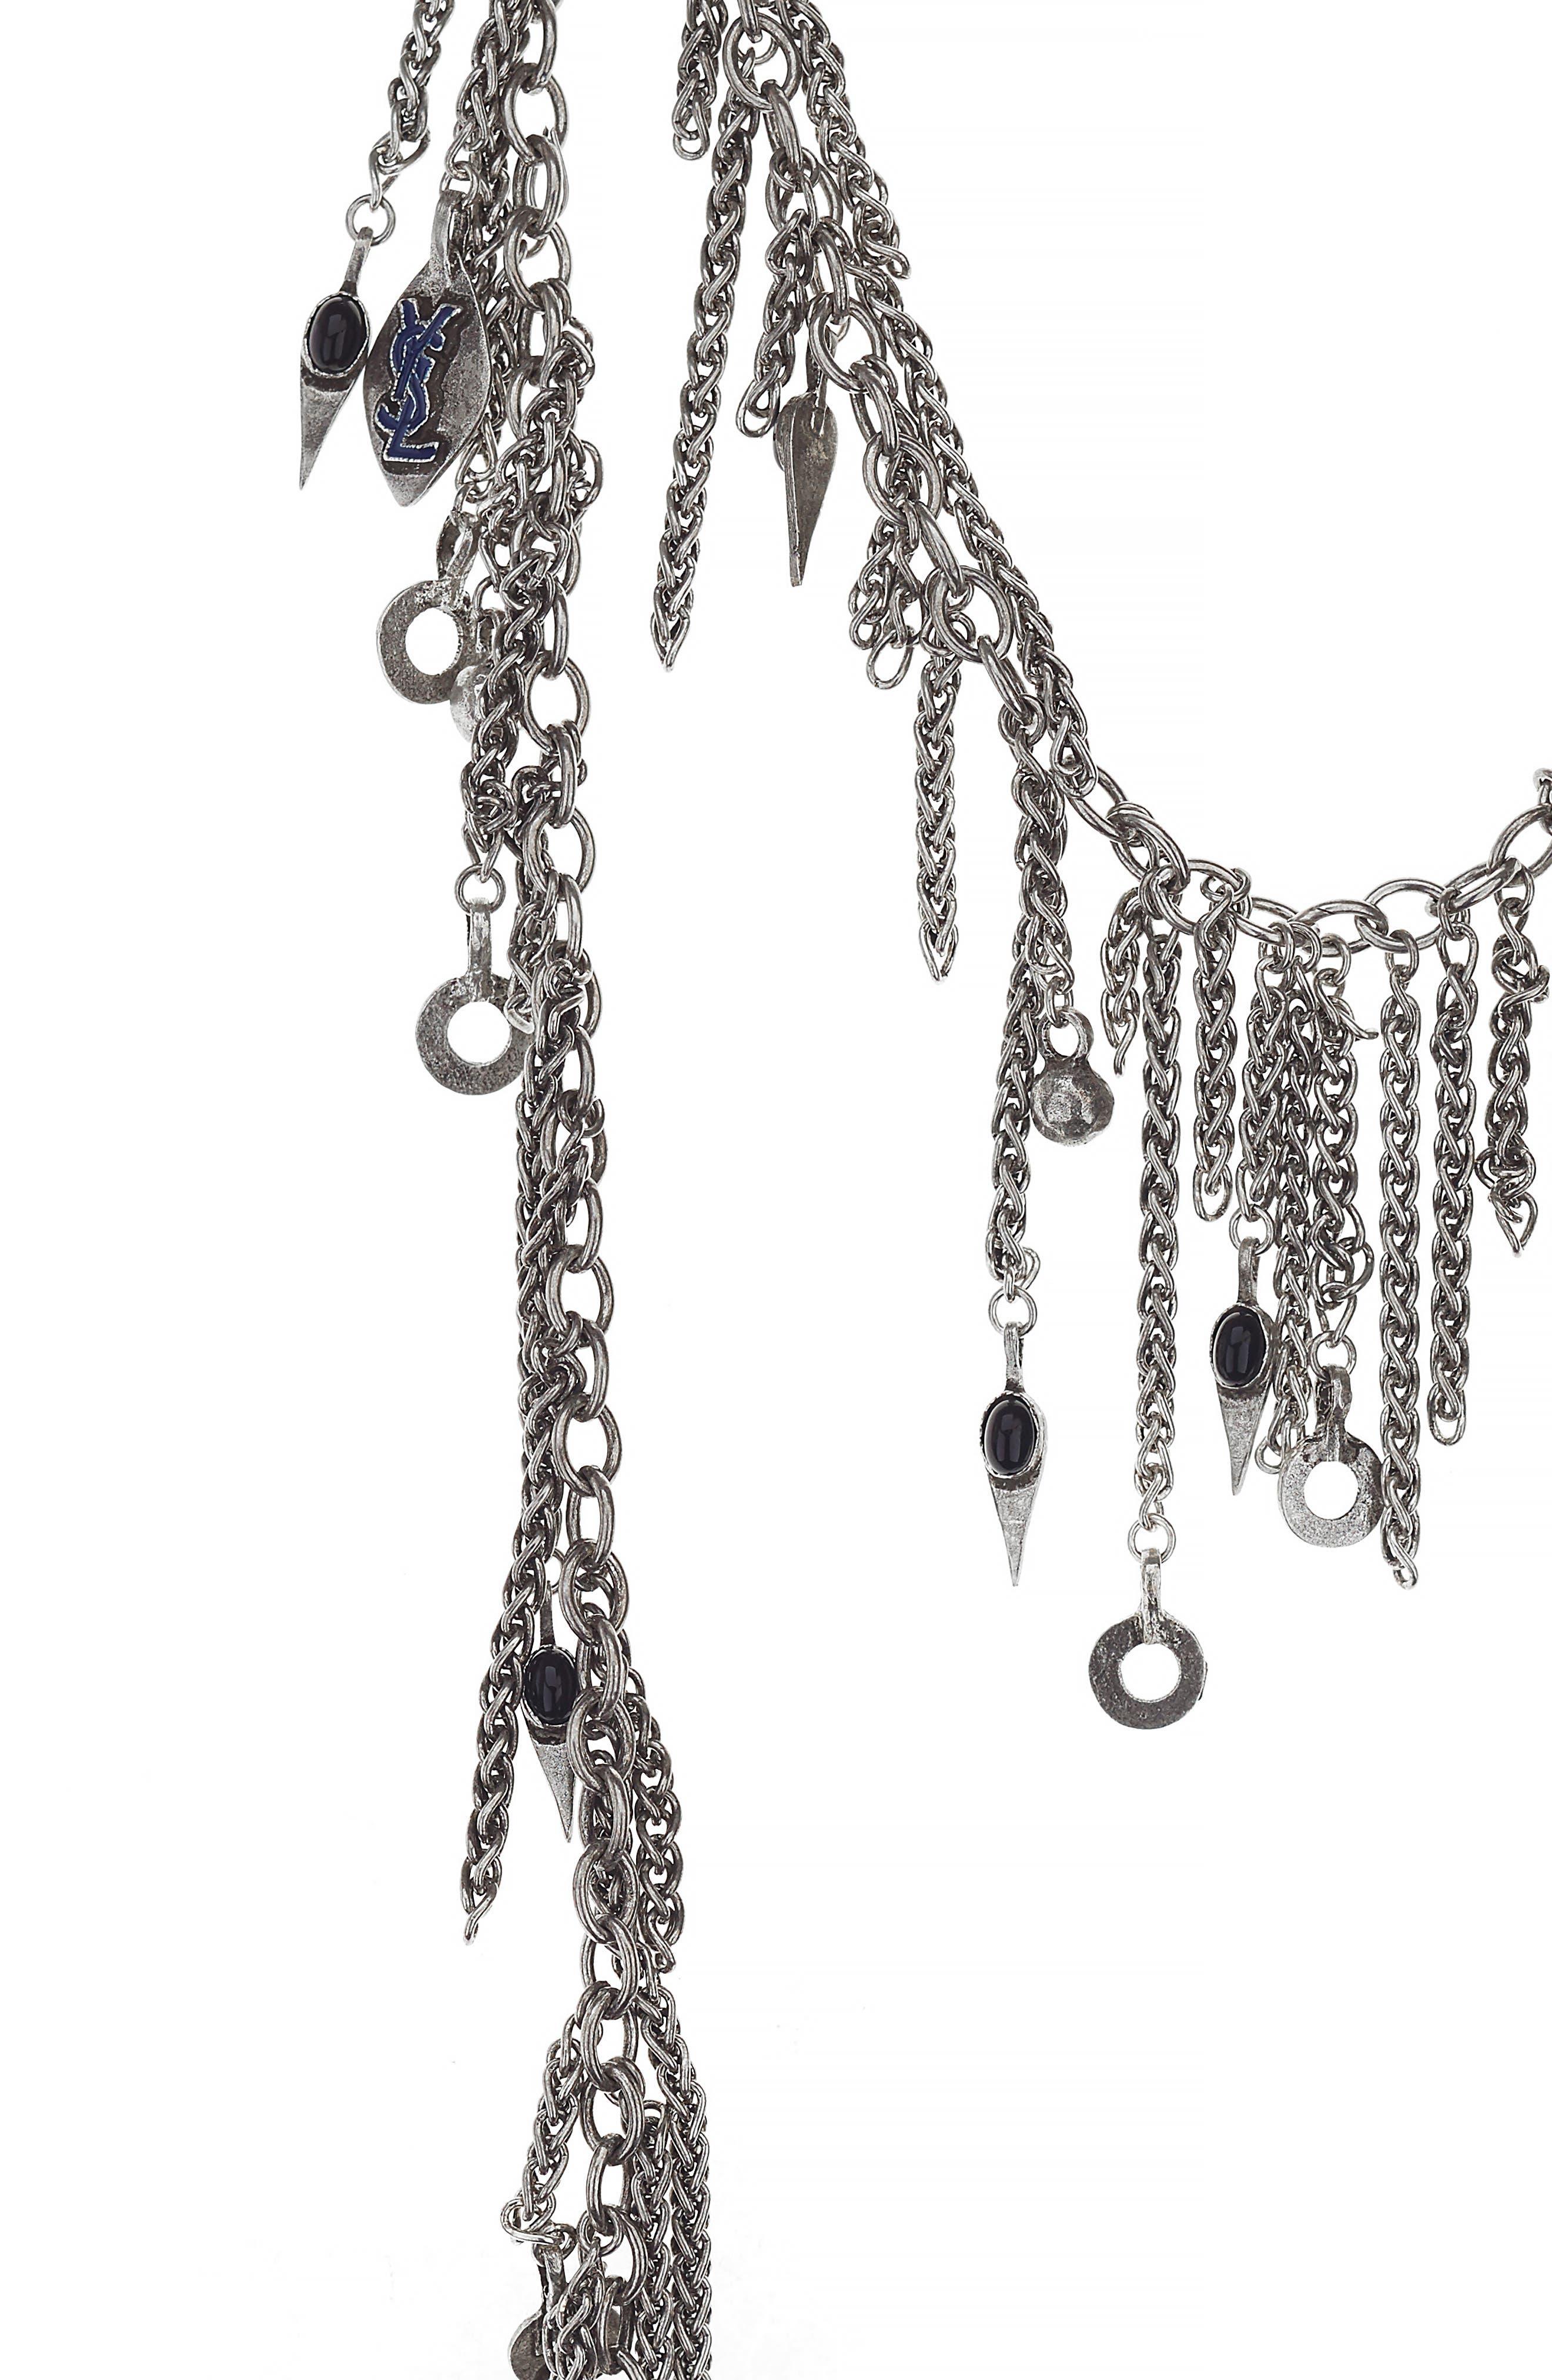 Pewter Cravat Necklace,                             Alternate thumbnail 2, color,                             Argt Oxyde/ Noir/ Bleu